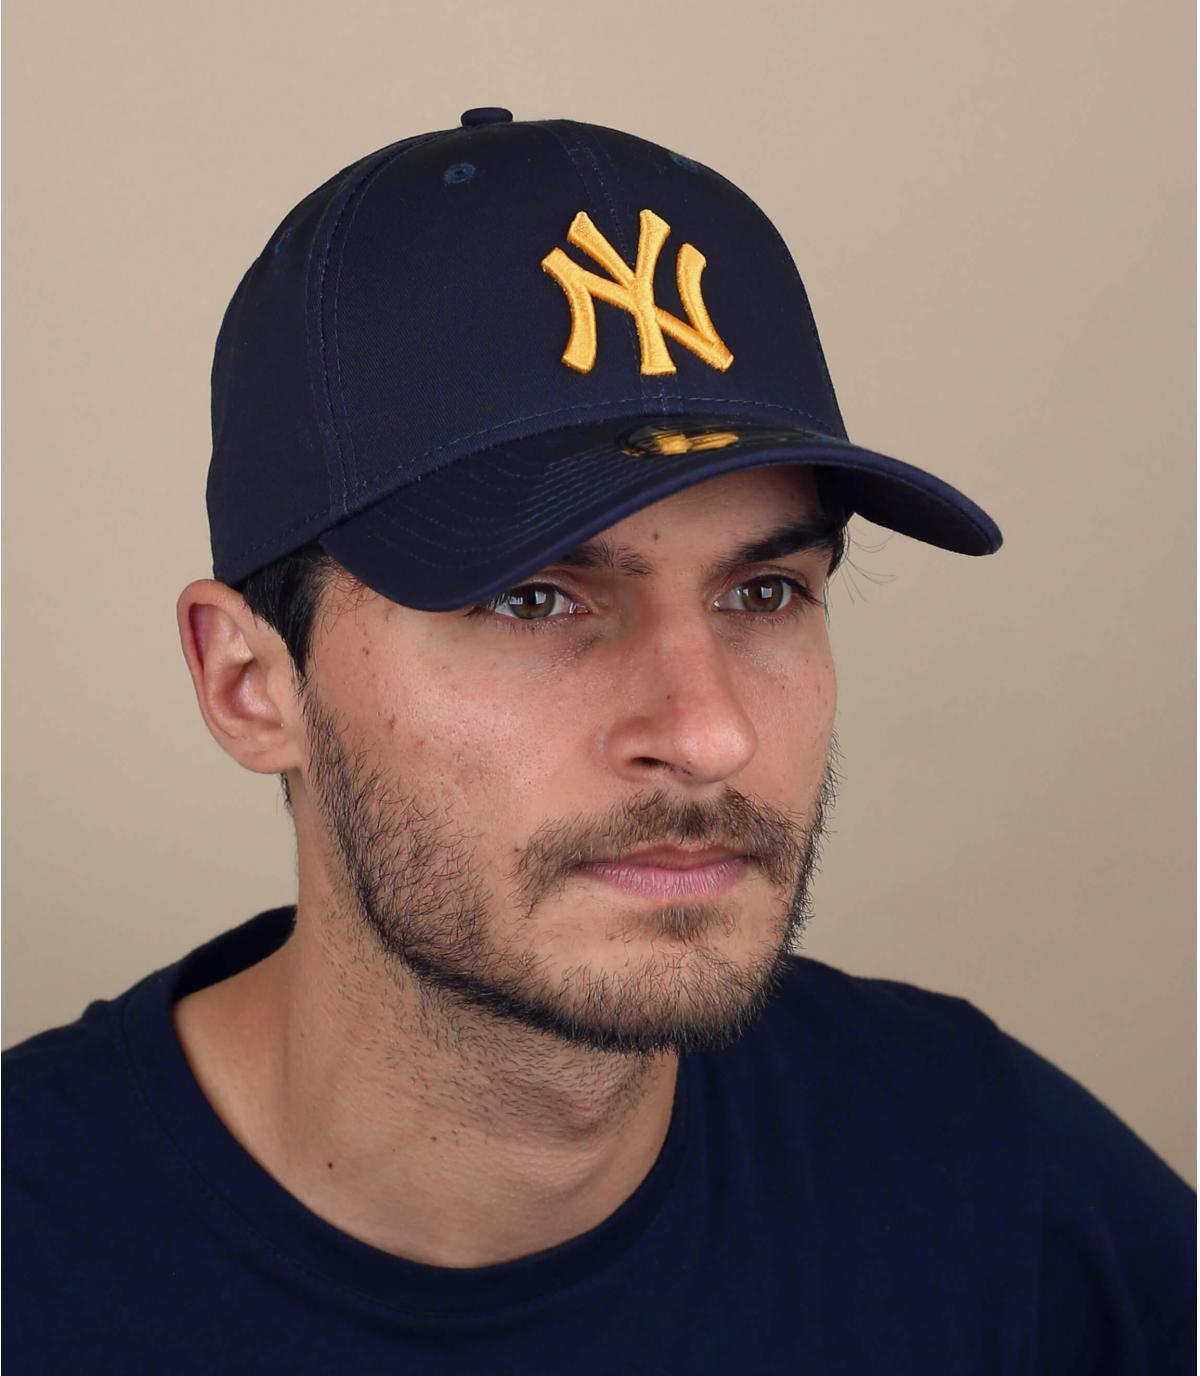 cappellino NY blu e oro